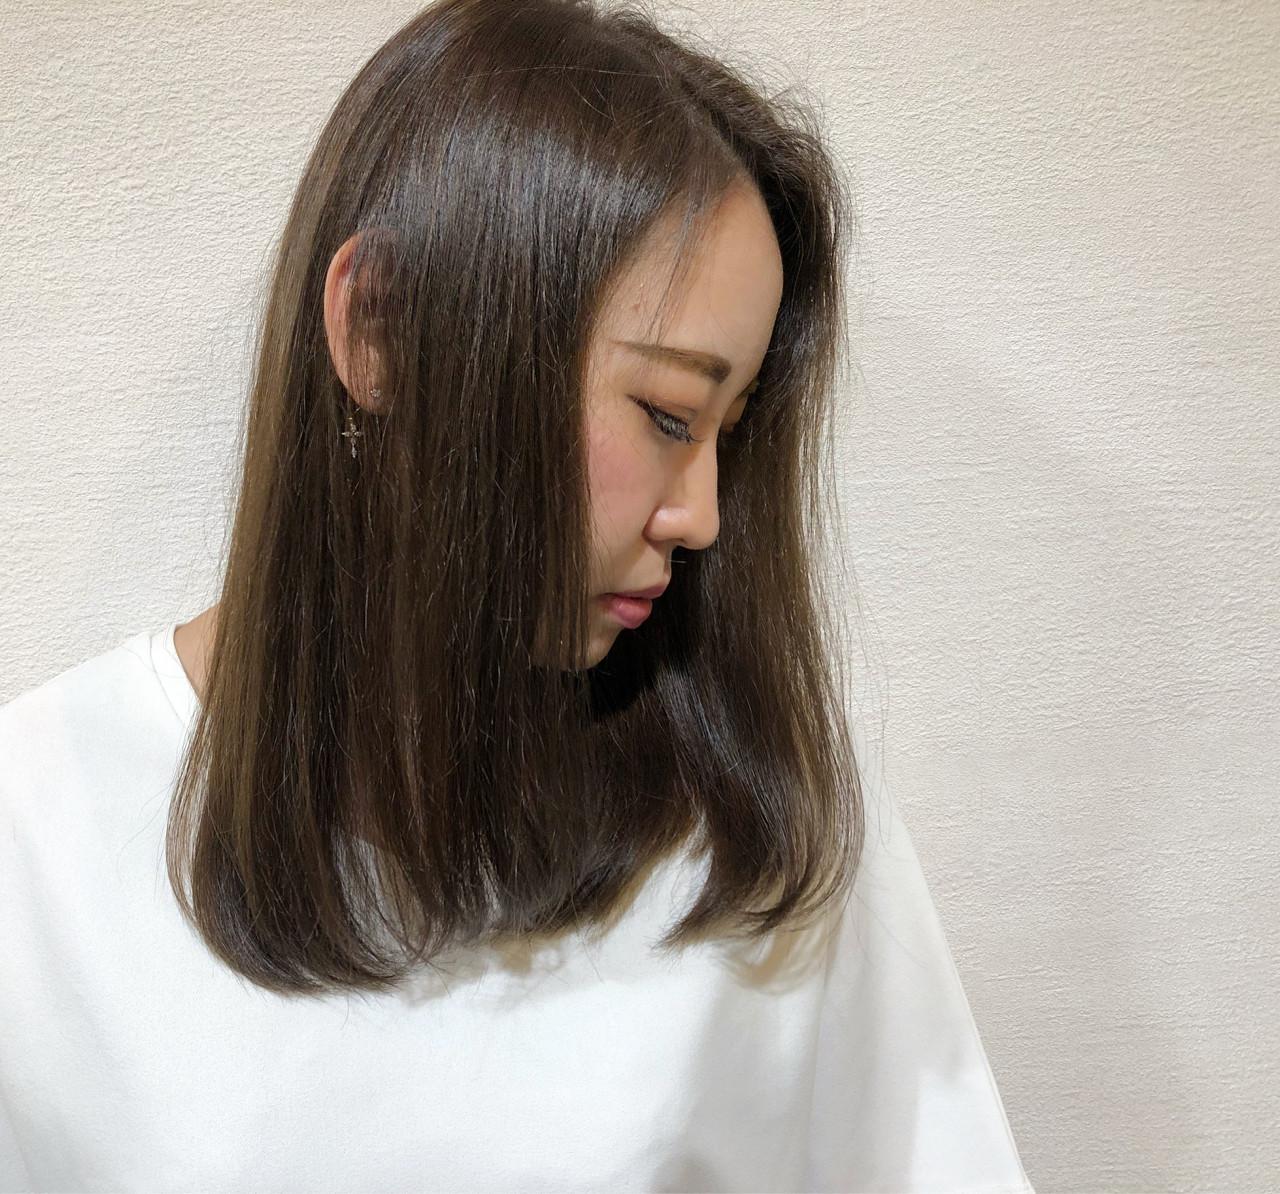 フェミニン 大人女子 結婚式 オフィス ヘアスタイルや髪型の写真・画像 | 渡辺 貴明 / 5 Five